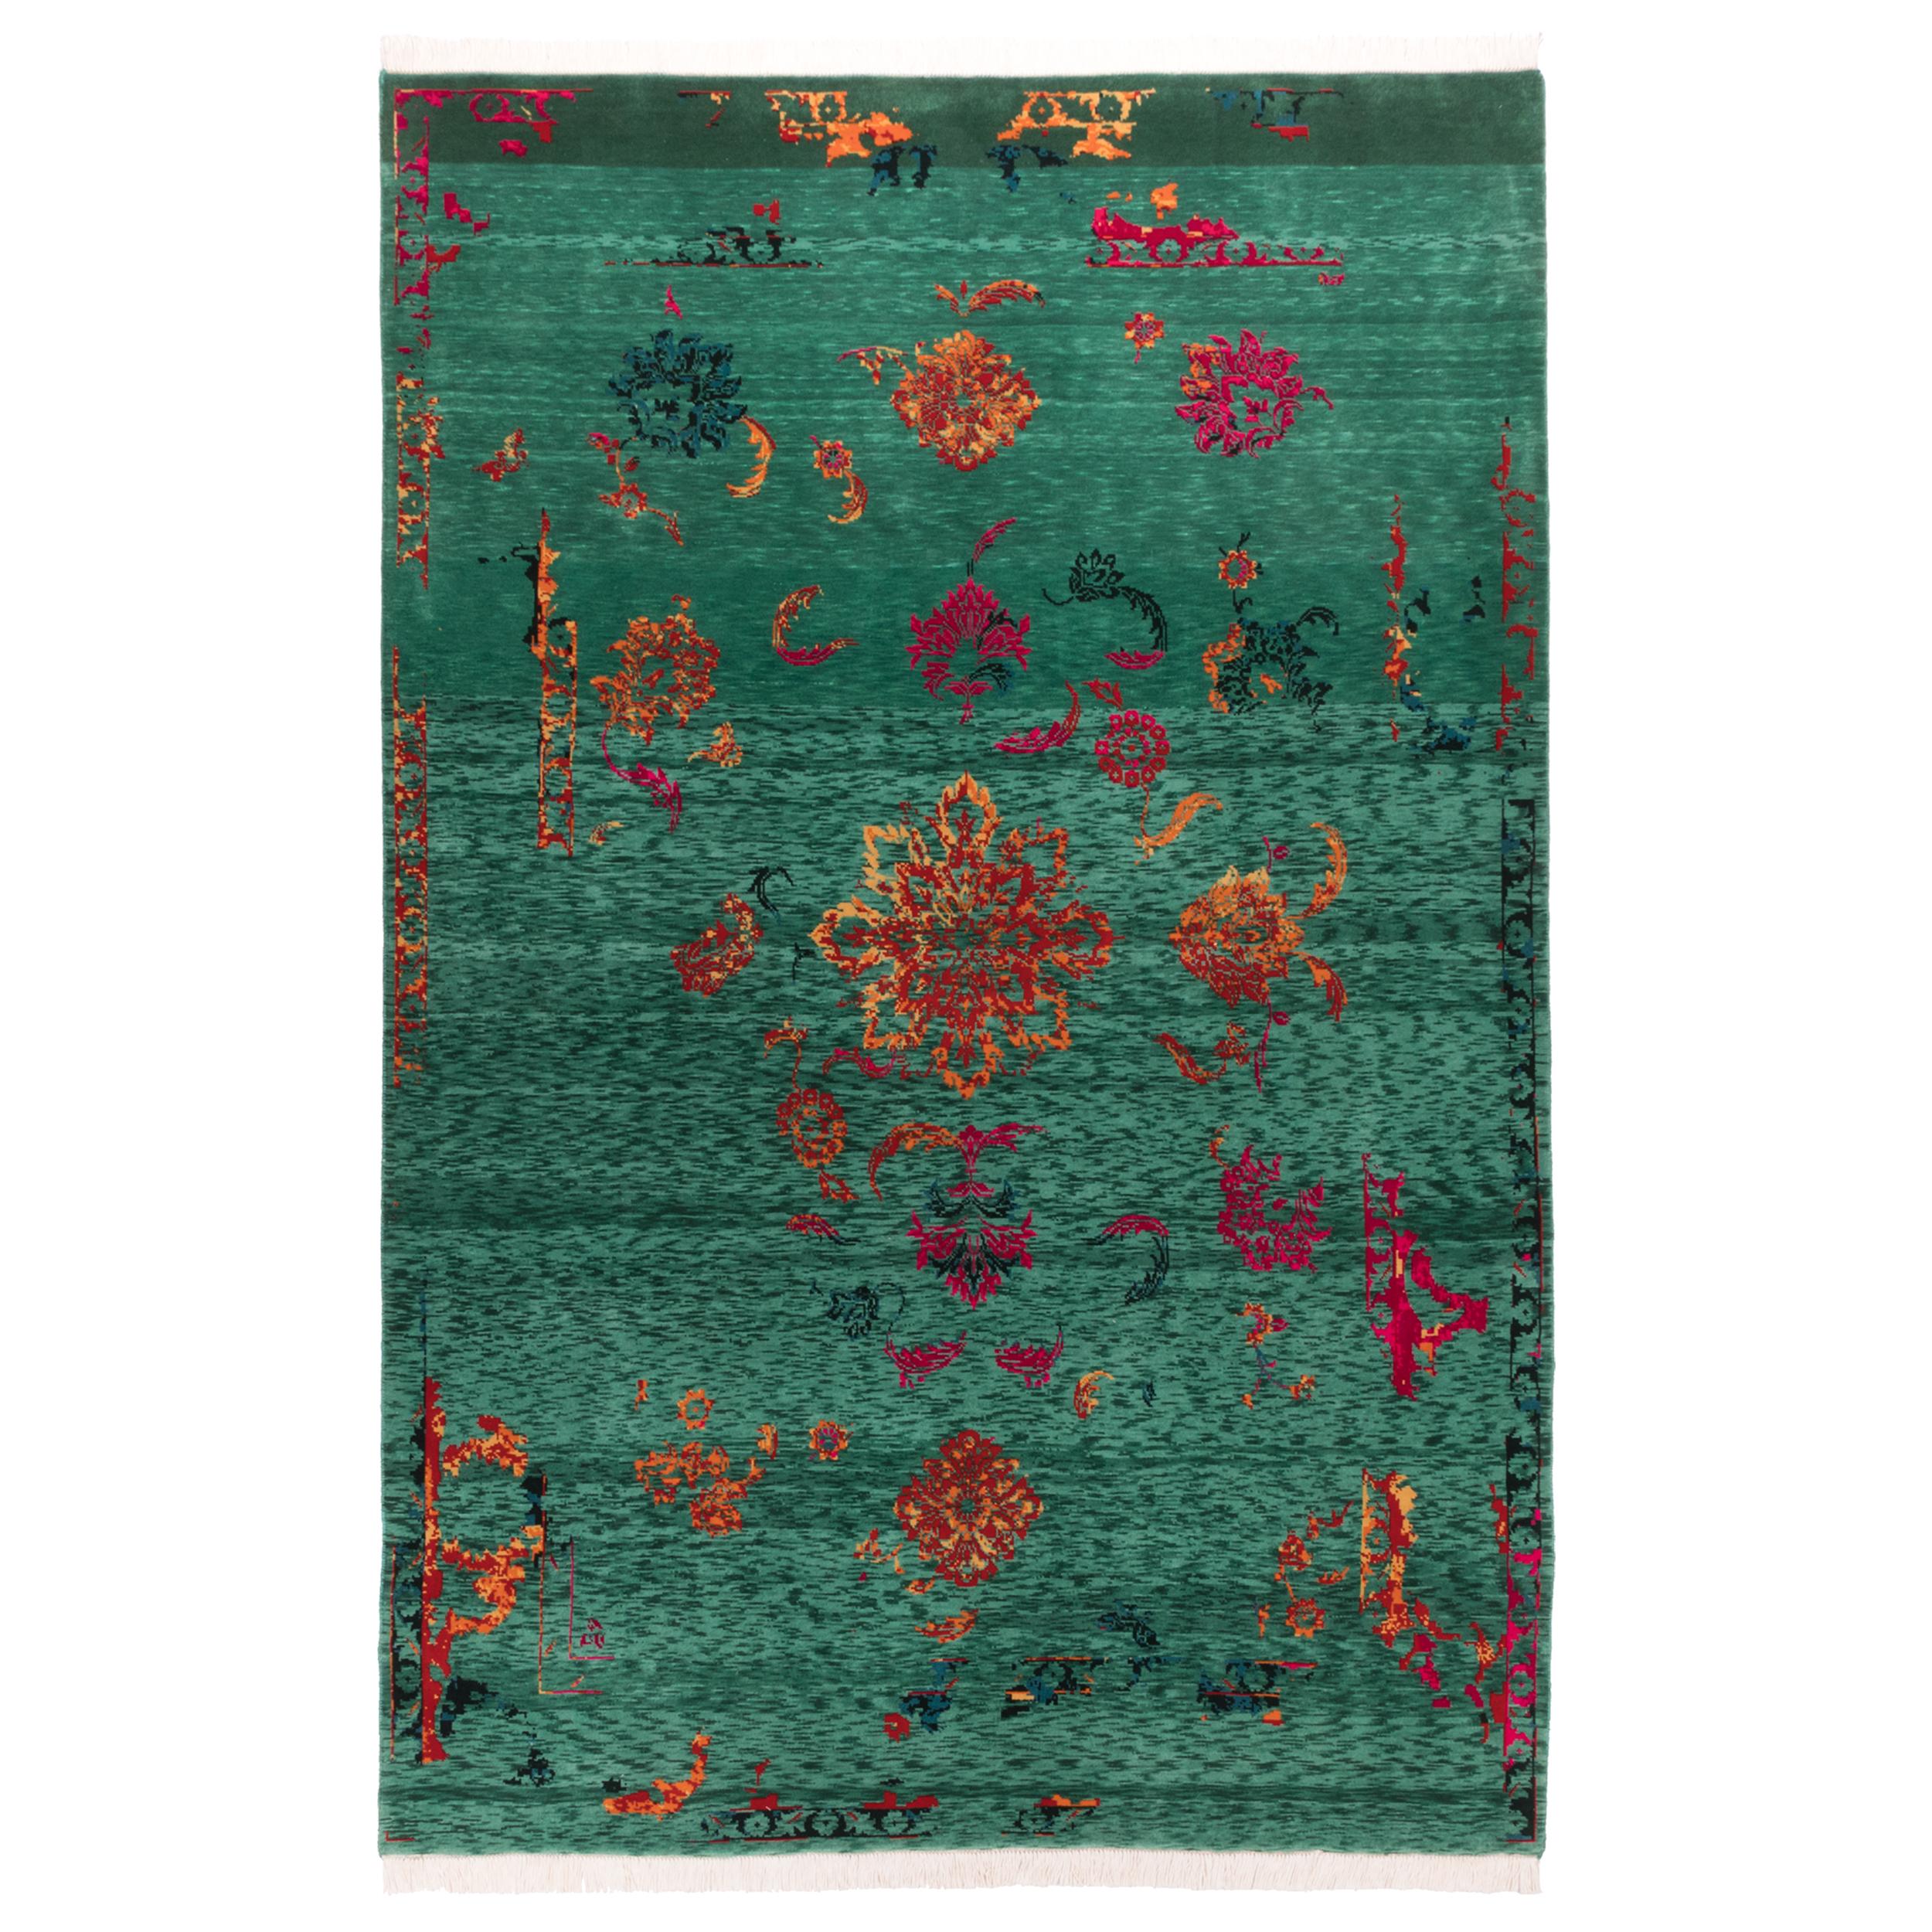 فرش دستبافت شش متری سی پرشیا کد 701011